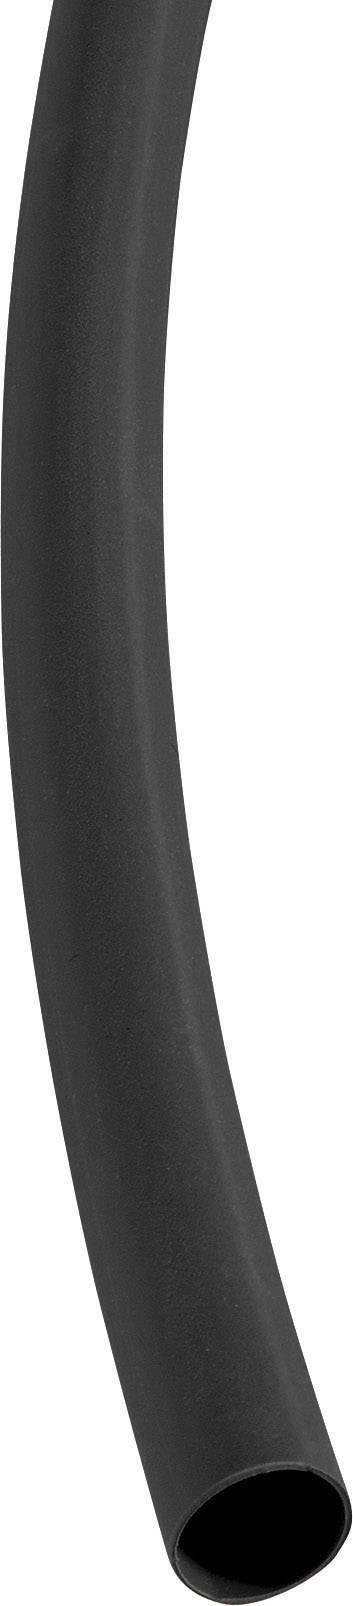 Smršťovací bužírka DSG Canusa 6:2 mm, černá, 1 m